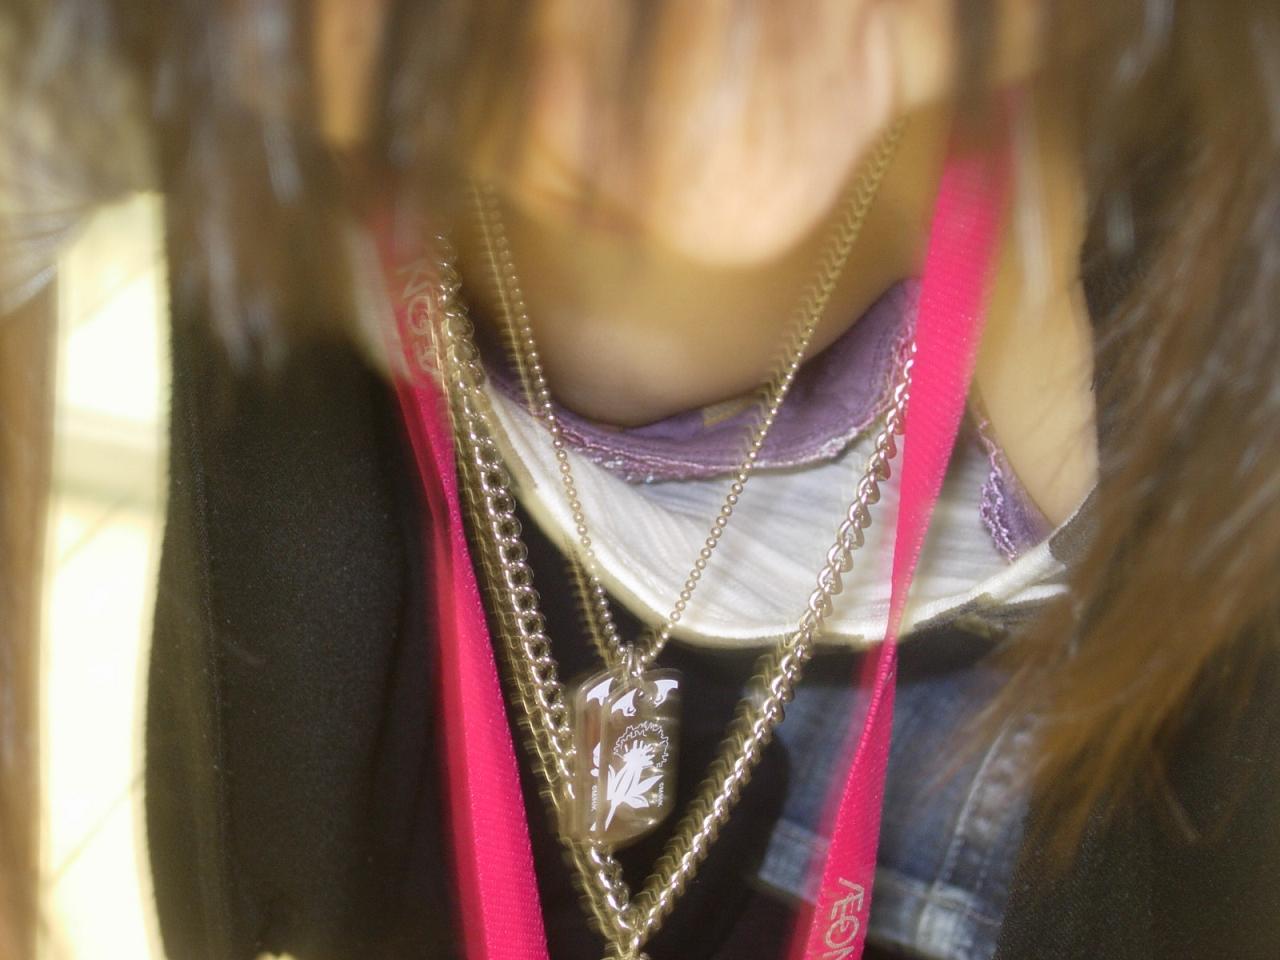 胸の谷間が丸見えになってる素人の女の子 (5)